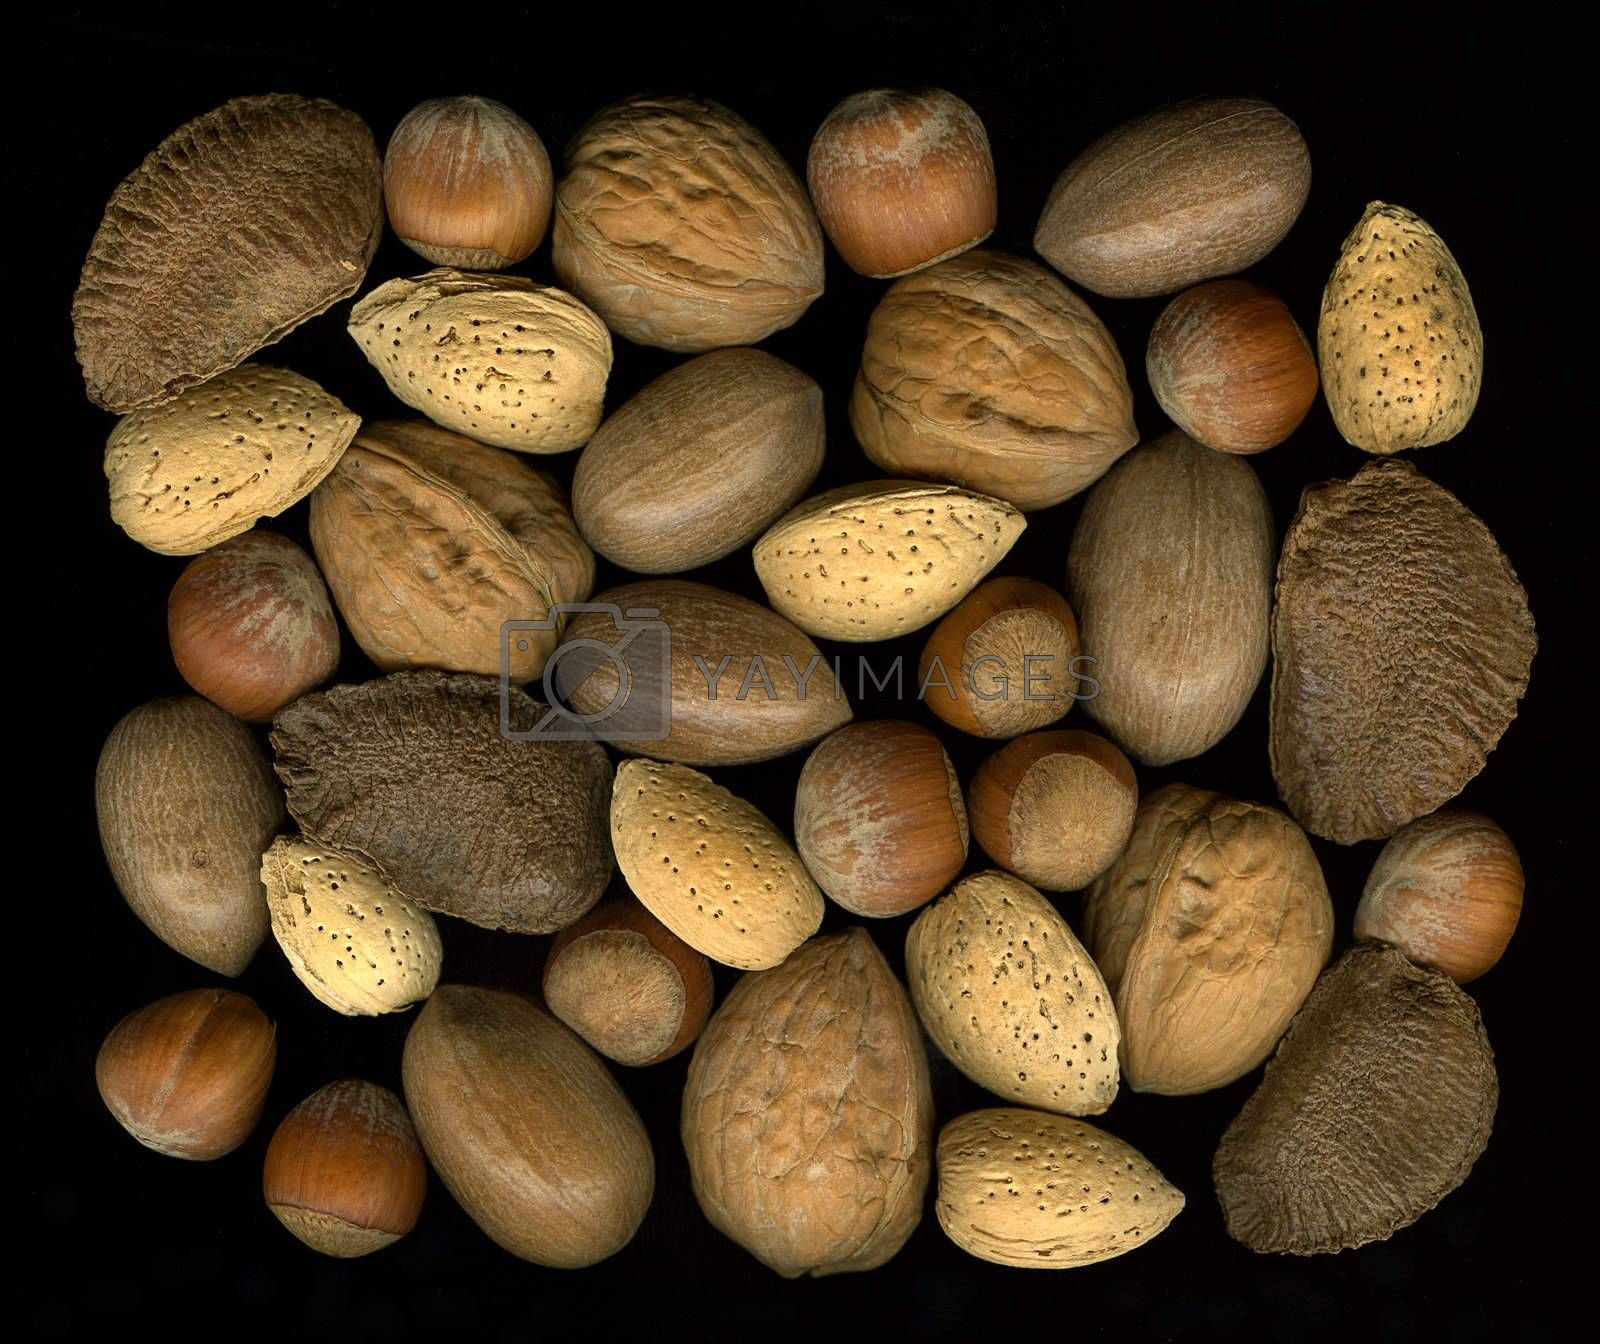 Mix nuts in shells: walnut, hazelnut, pecan, almond, brazil by PixelsAway